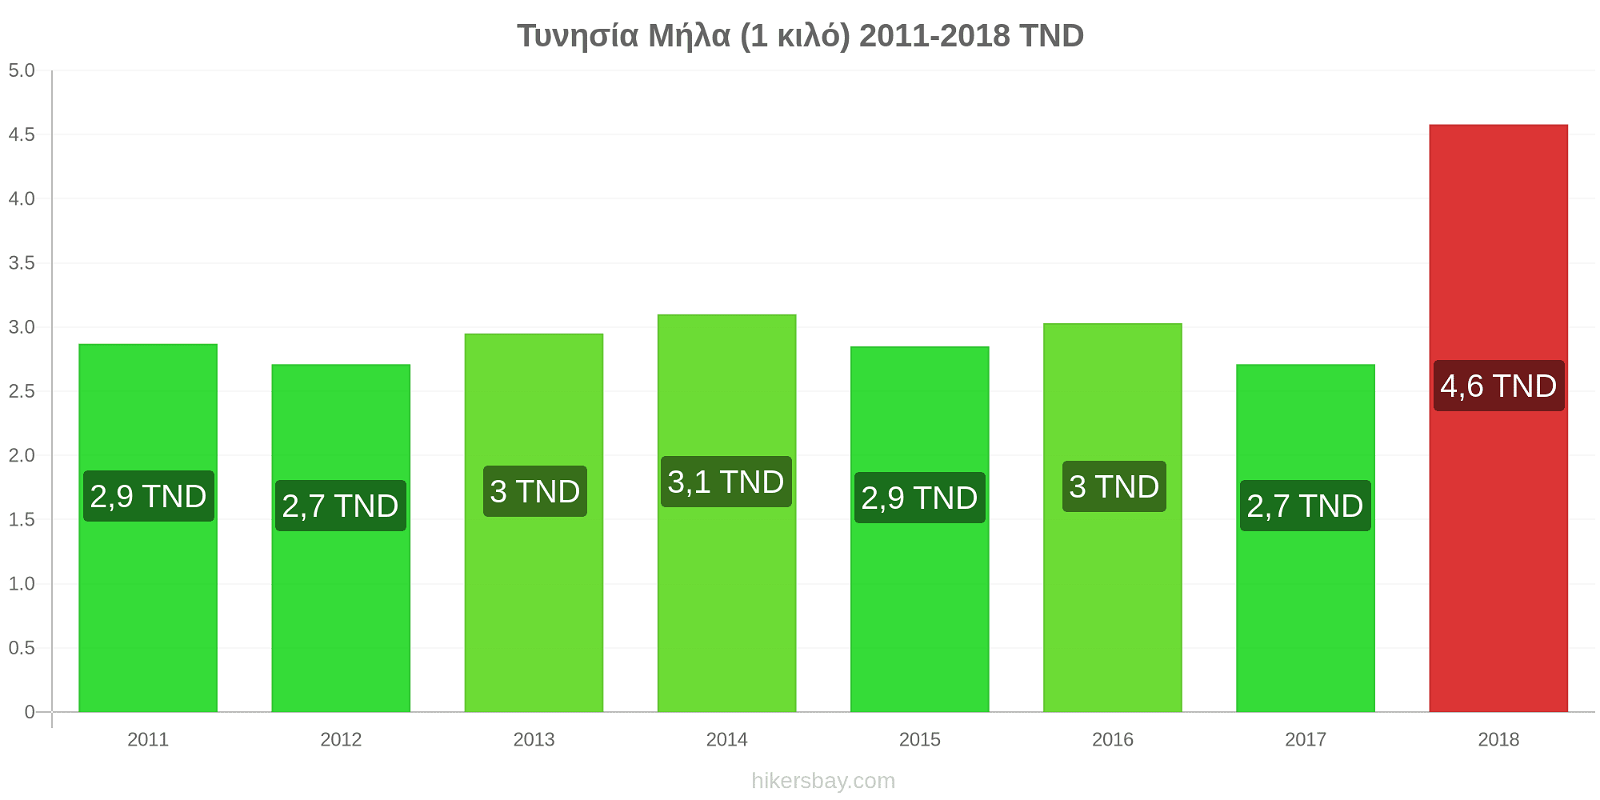 Τυνησία αλλαγές τιμών Μήλα (1 κιλό) hikersbay.com